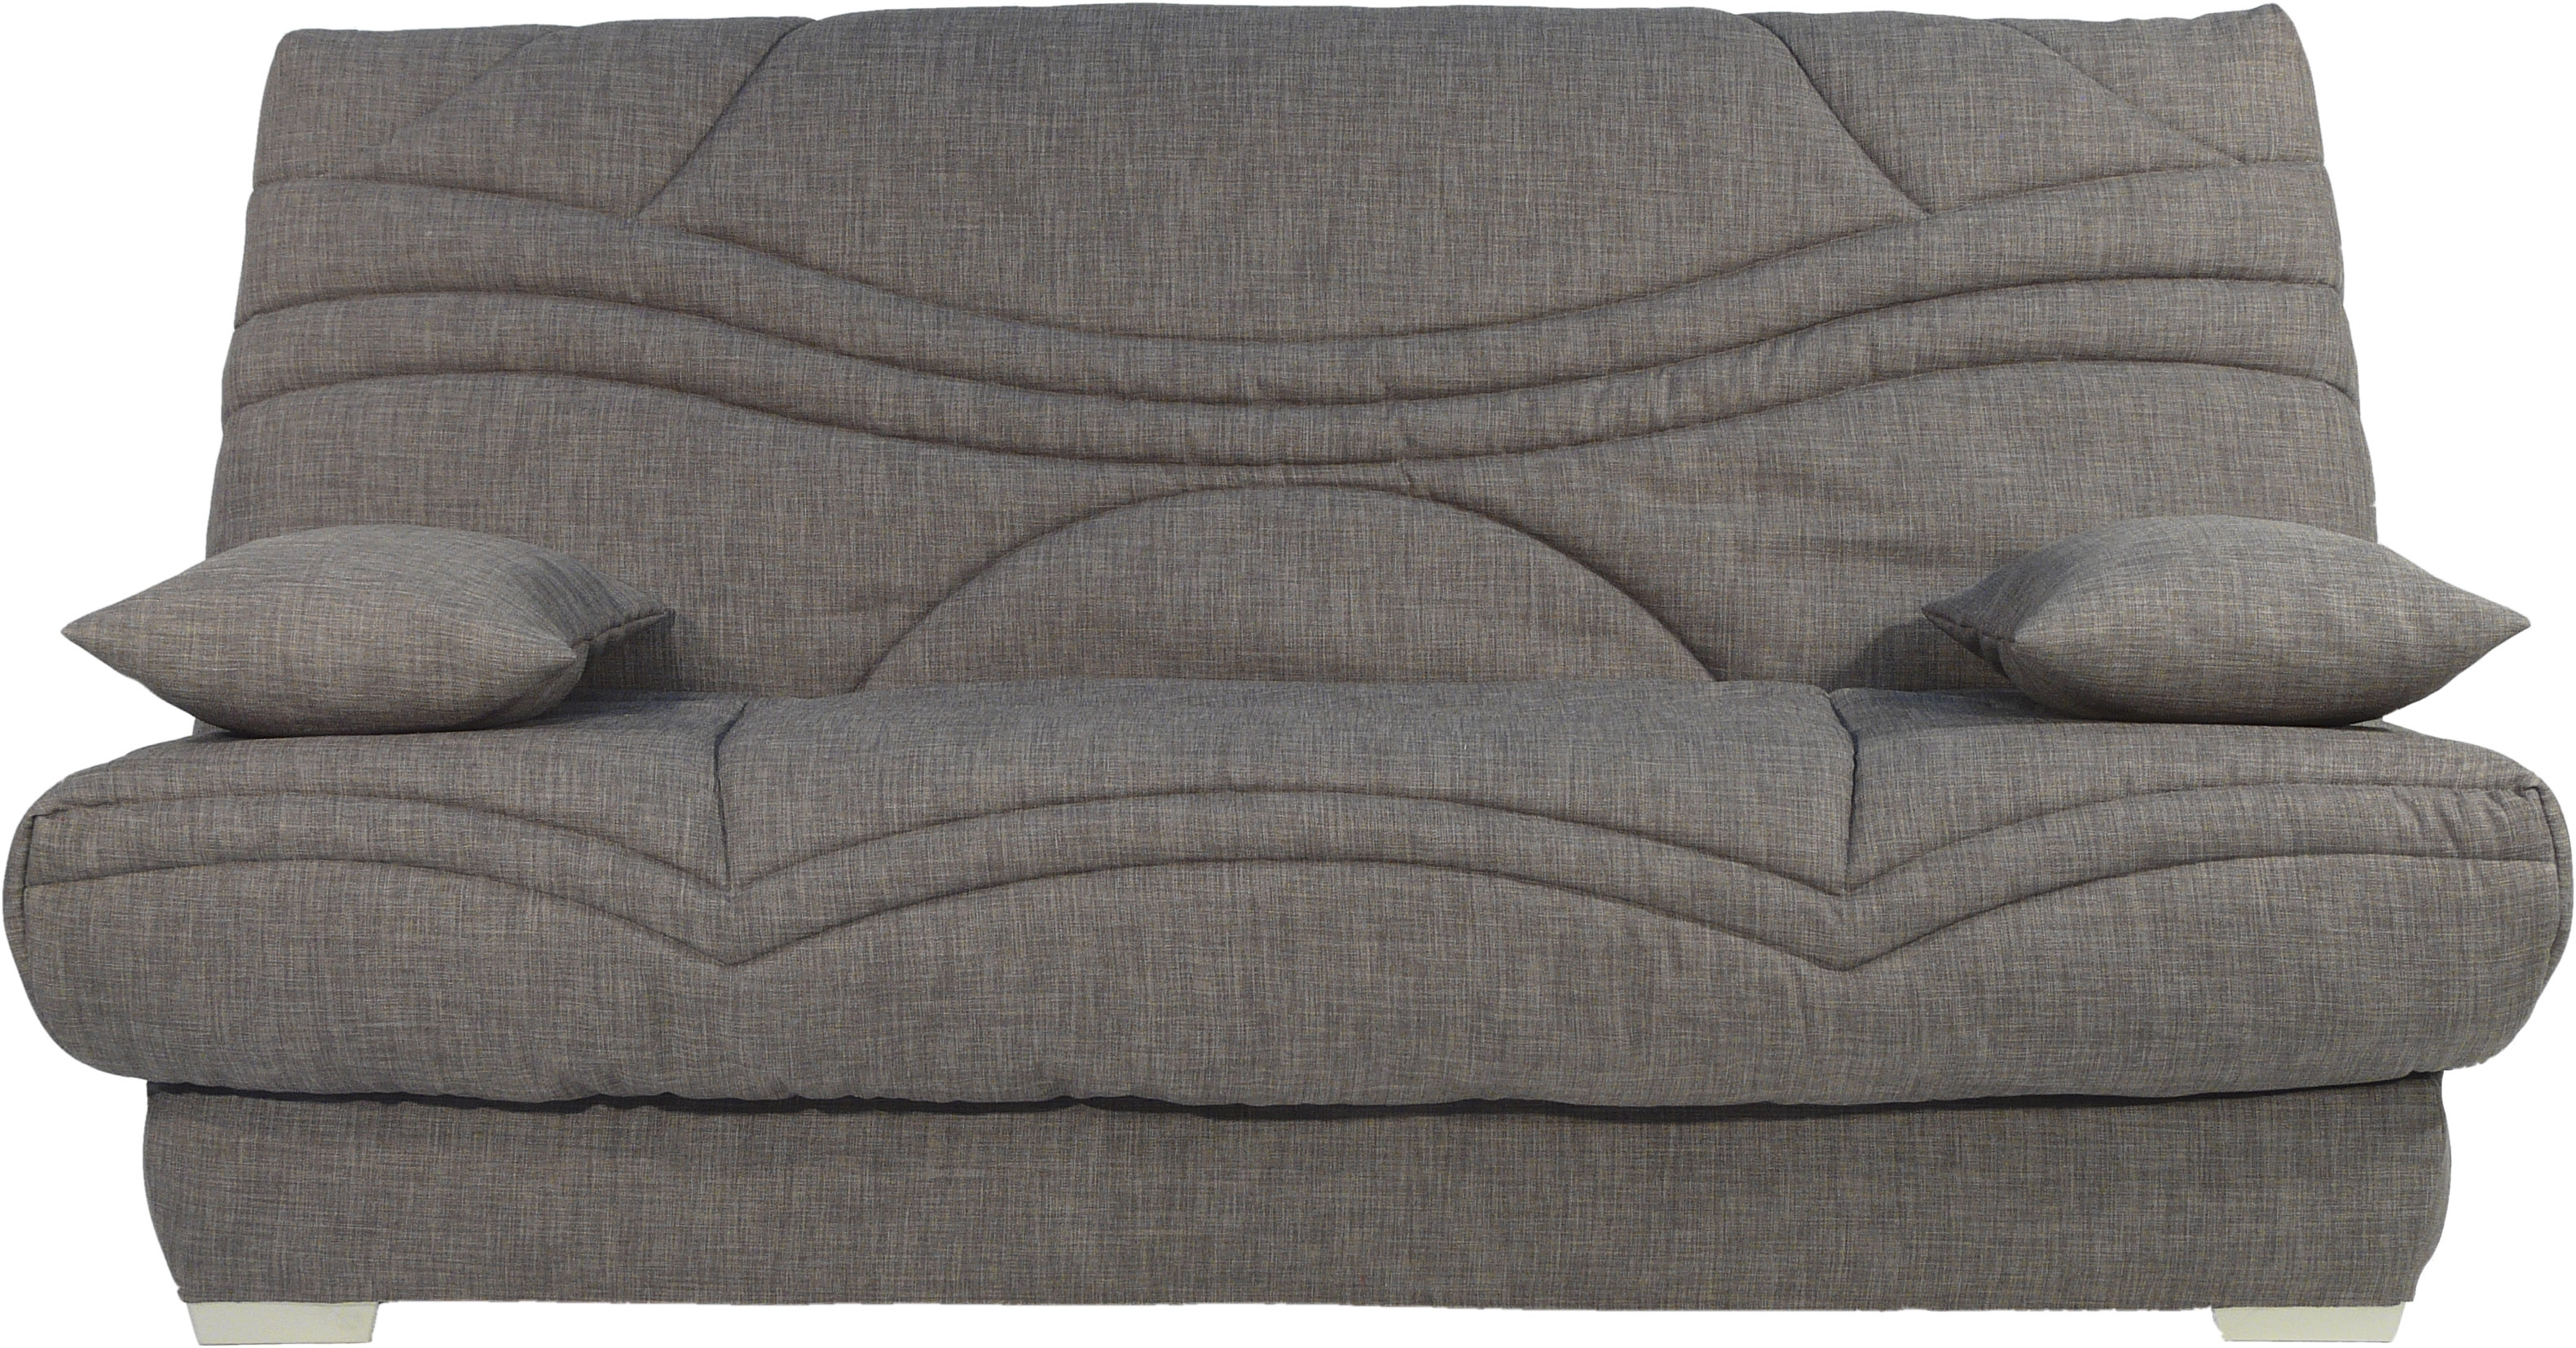 Clic clac gris fonc matelas sofaconfort 17 cm sadia - Matelas clic clac 130x190 ...